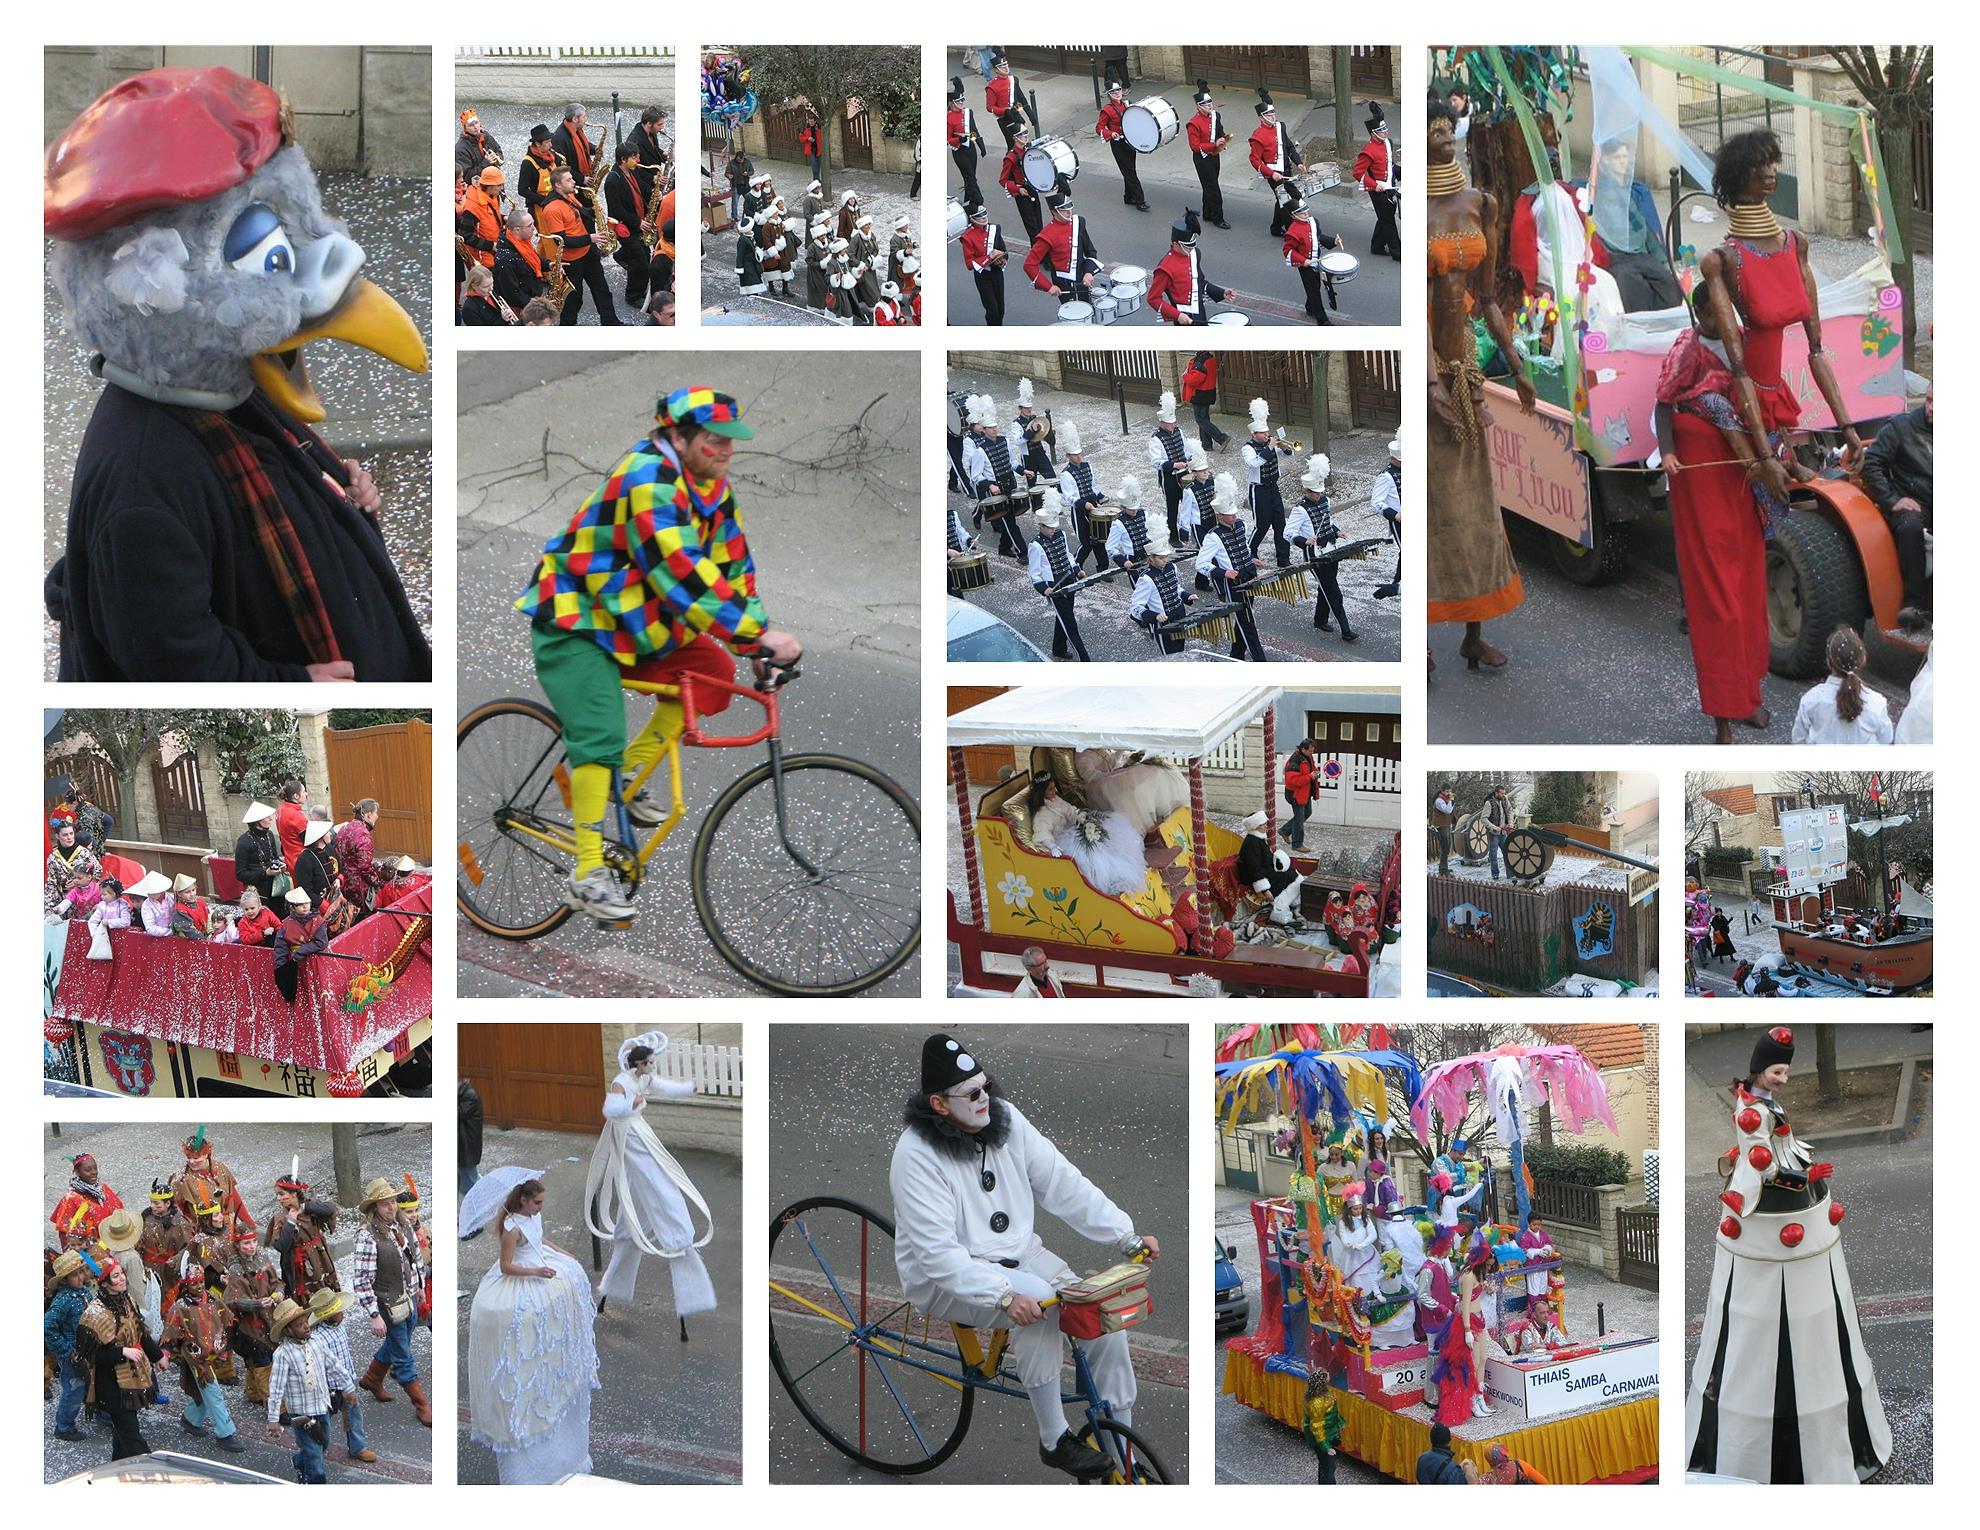 carnavalthiais2008page000.jpg